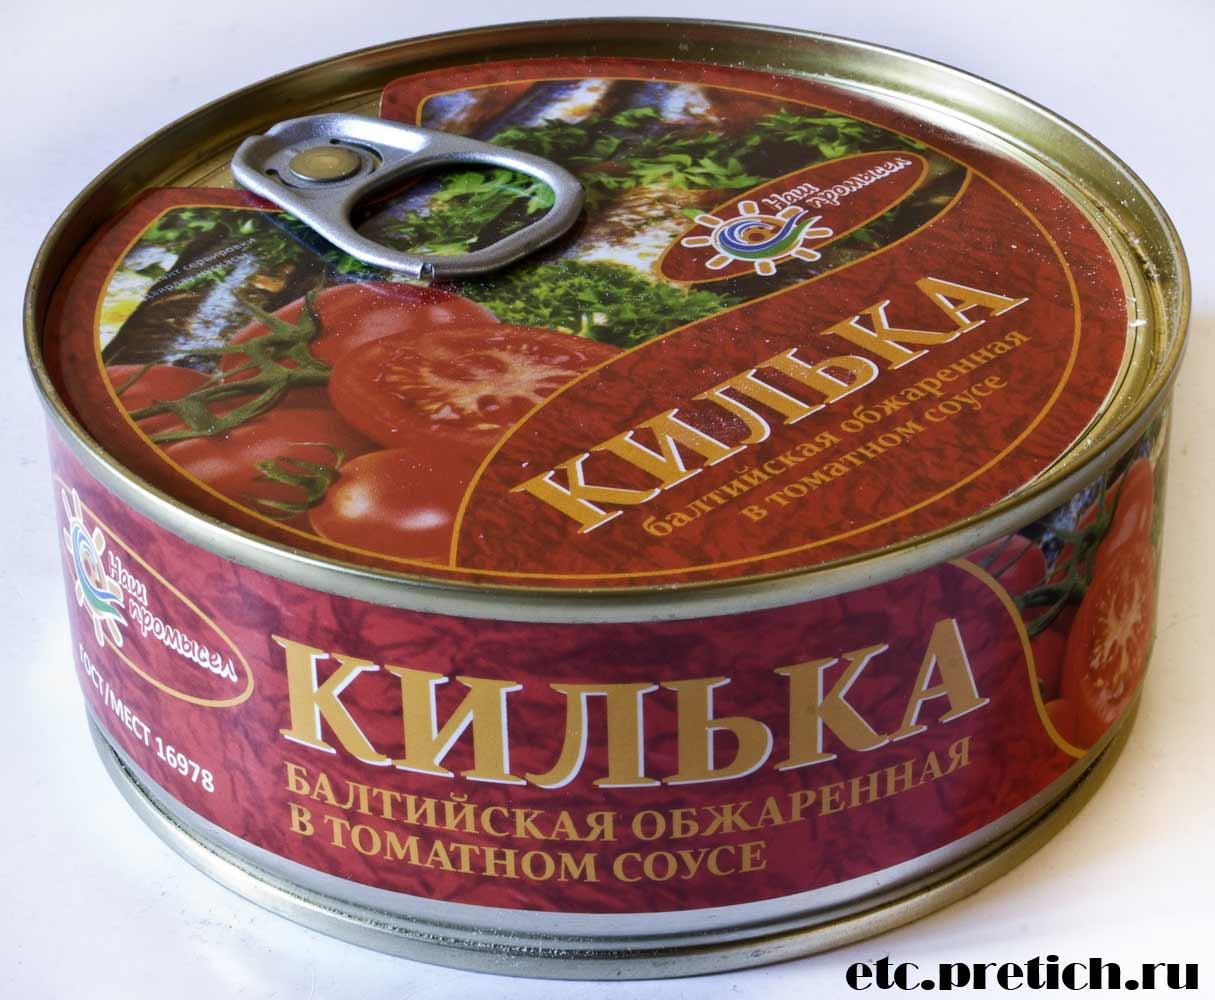 Килька в томатном соусе, Янтарный берег отзыв